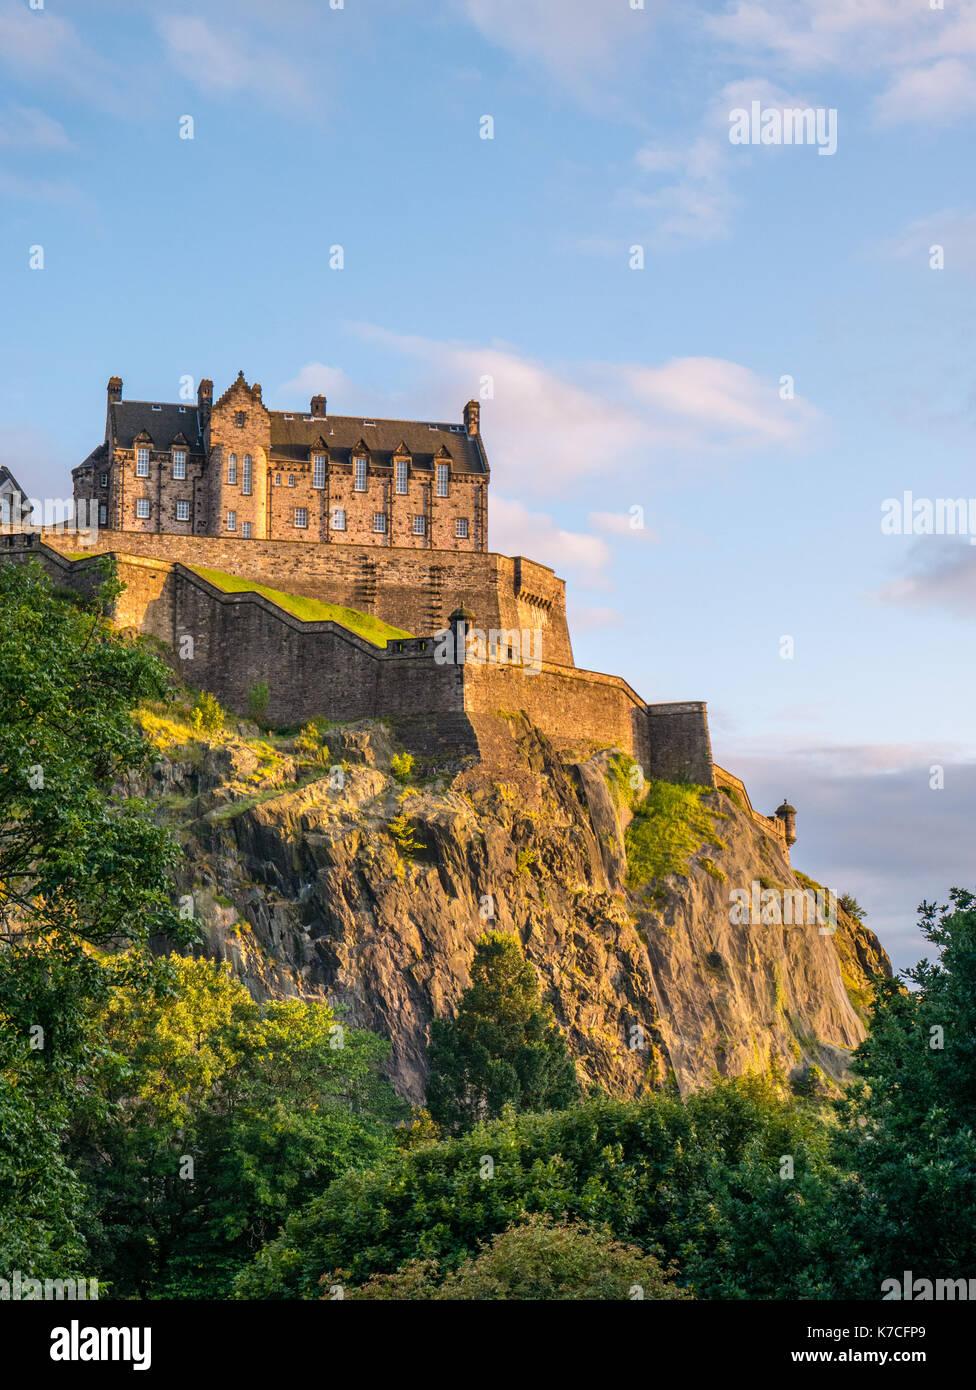 Sunset, il Castello di Edimburgo, visto dai giardini di Princes Street e il Castello di Edimburgo, Castle Rock, Edimburgo, Scozia, GB. Immagini Stock